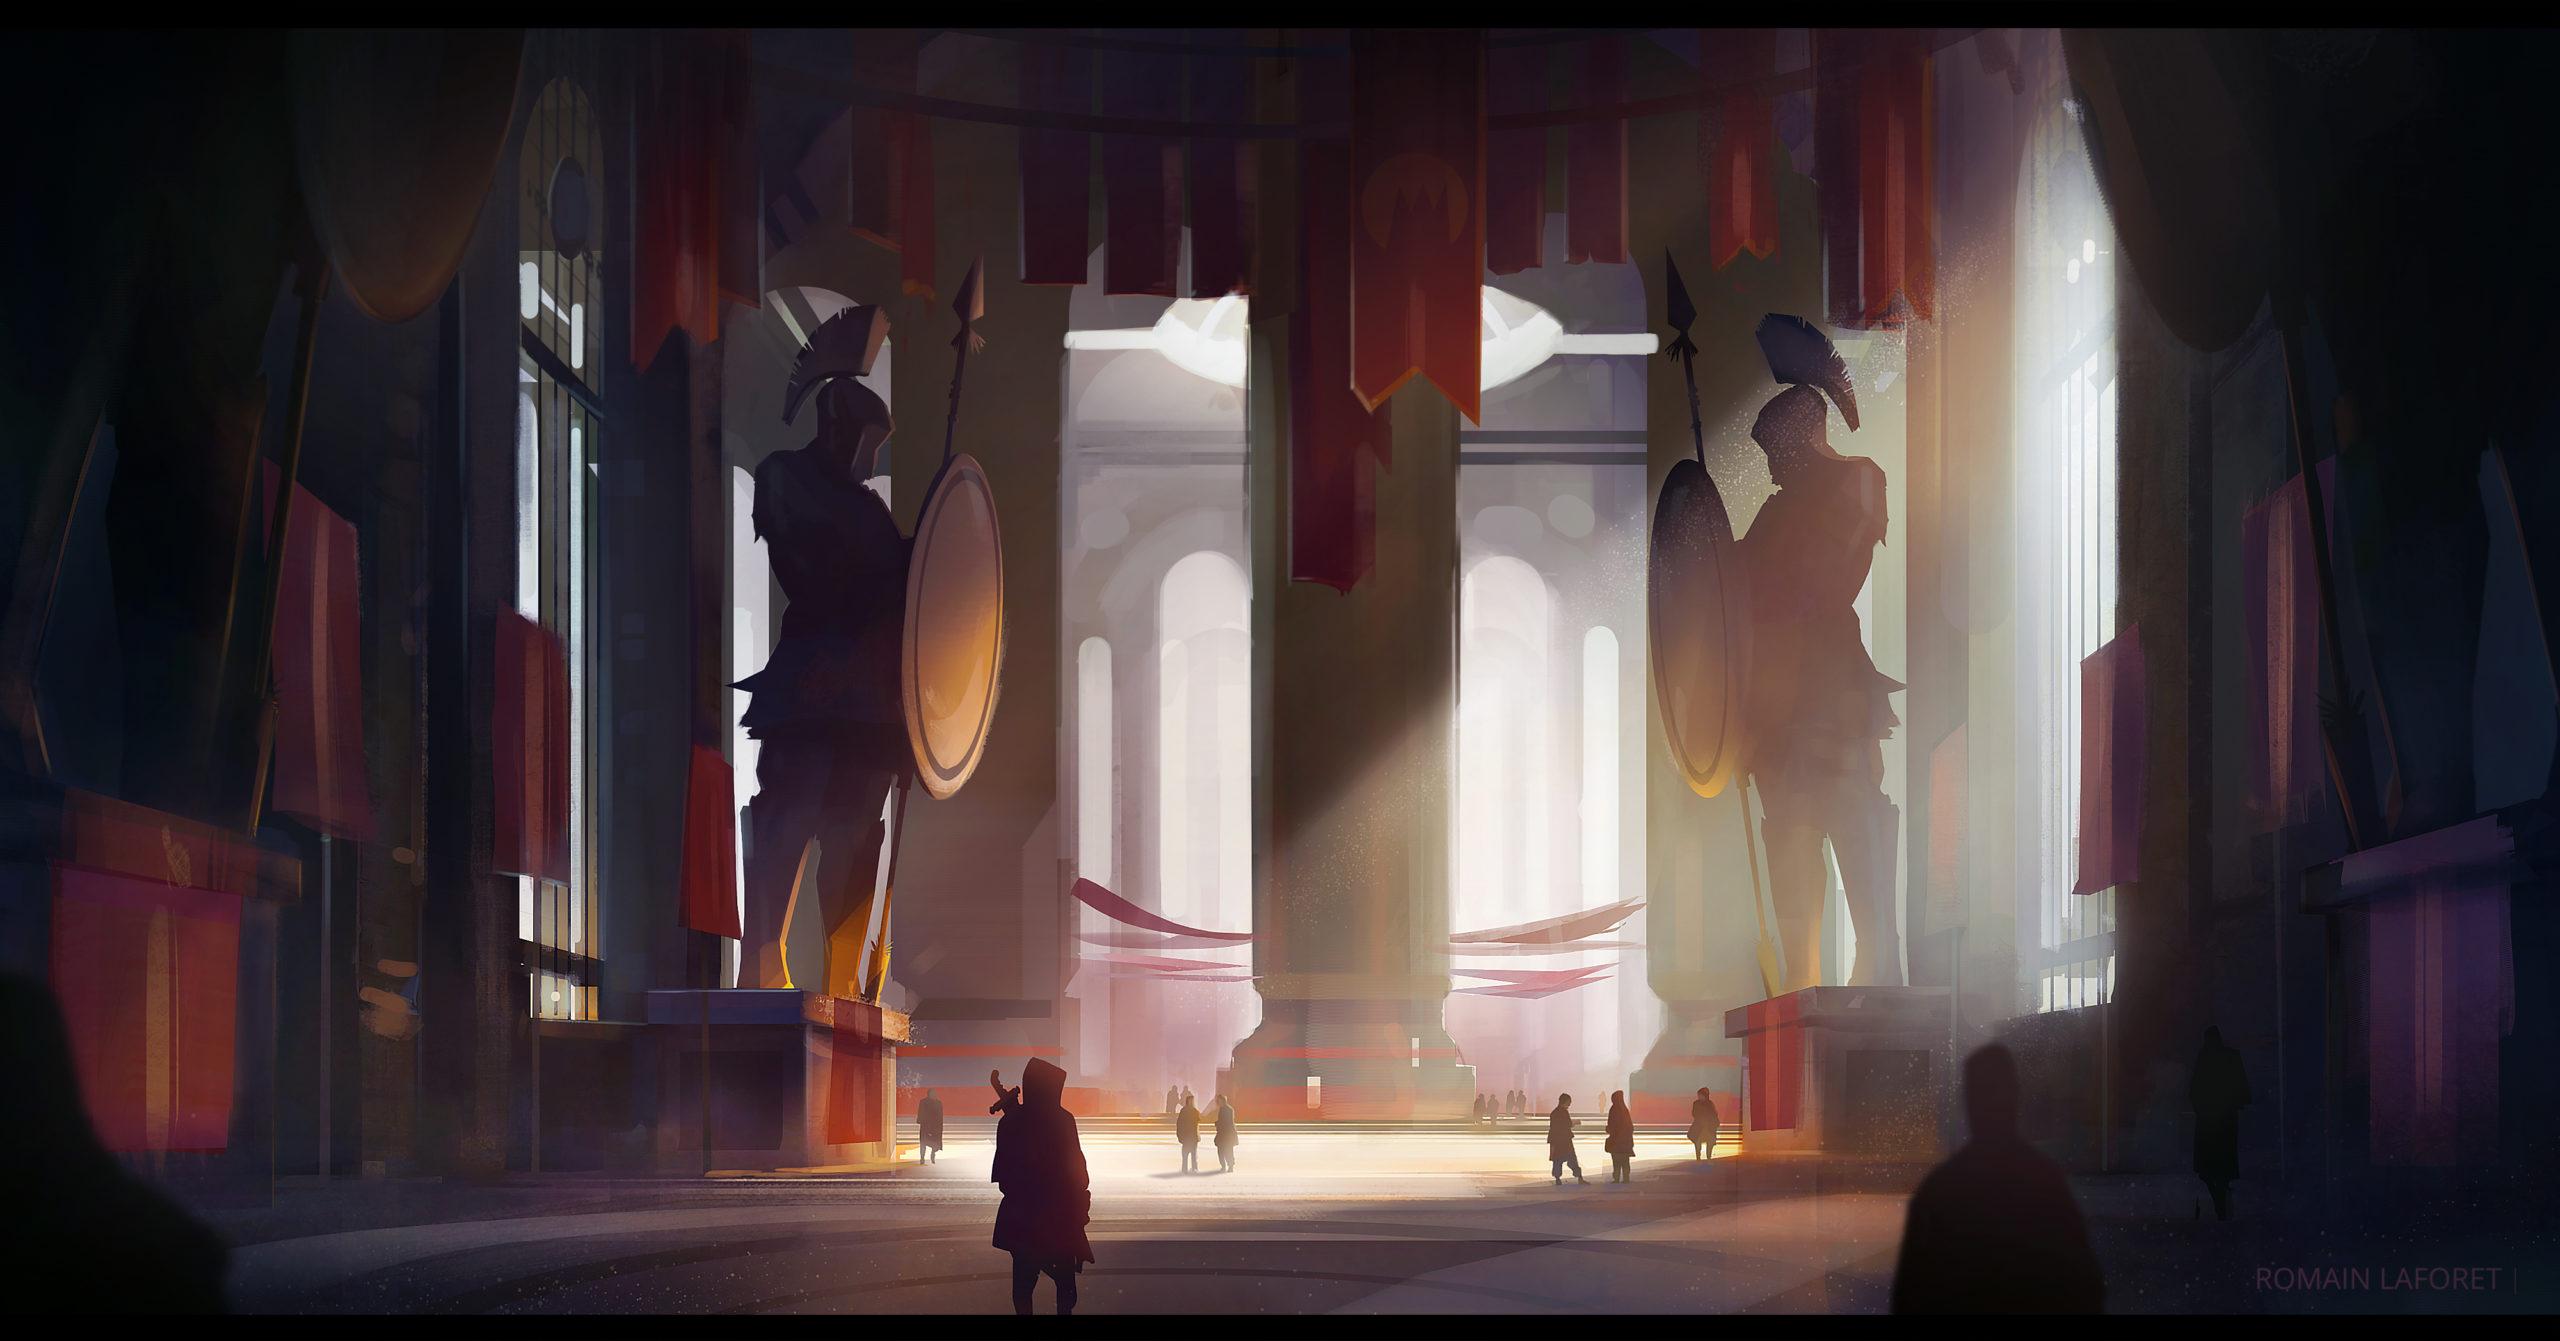 forum entrance romain laforet concept art